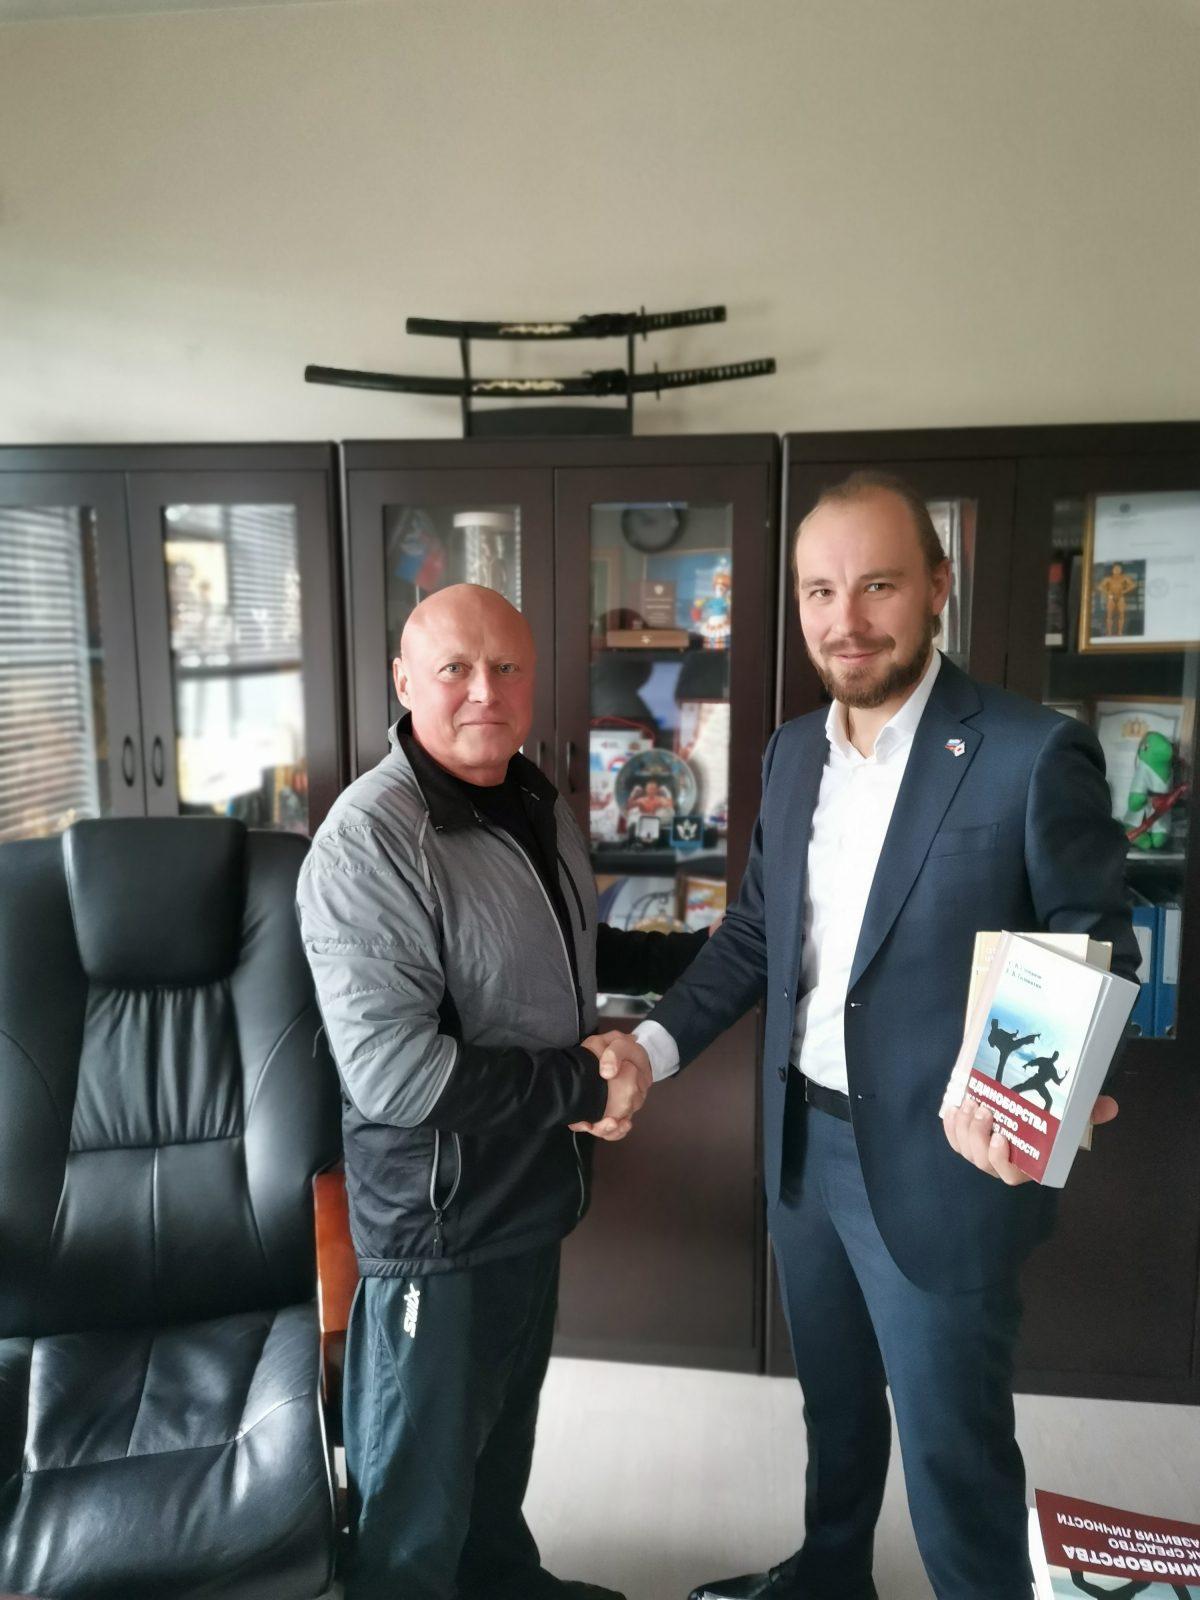 Свердловское областное отделение ОРЯ подписало соглашение с училищем Олимпийского резерва